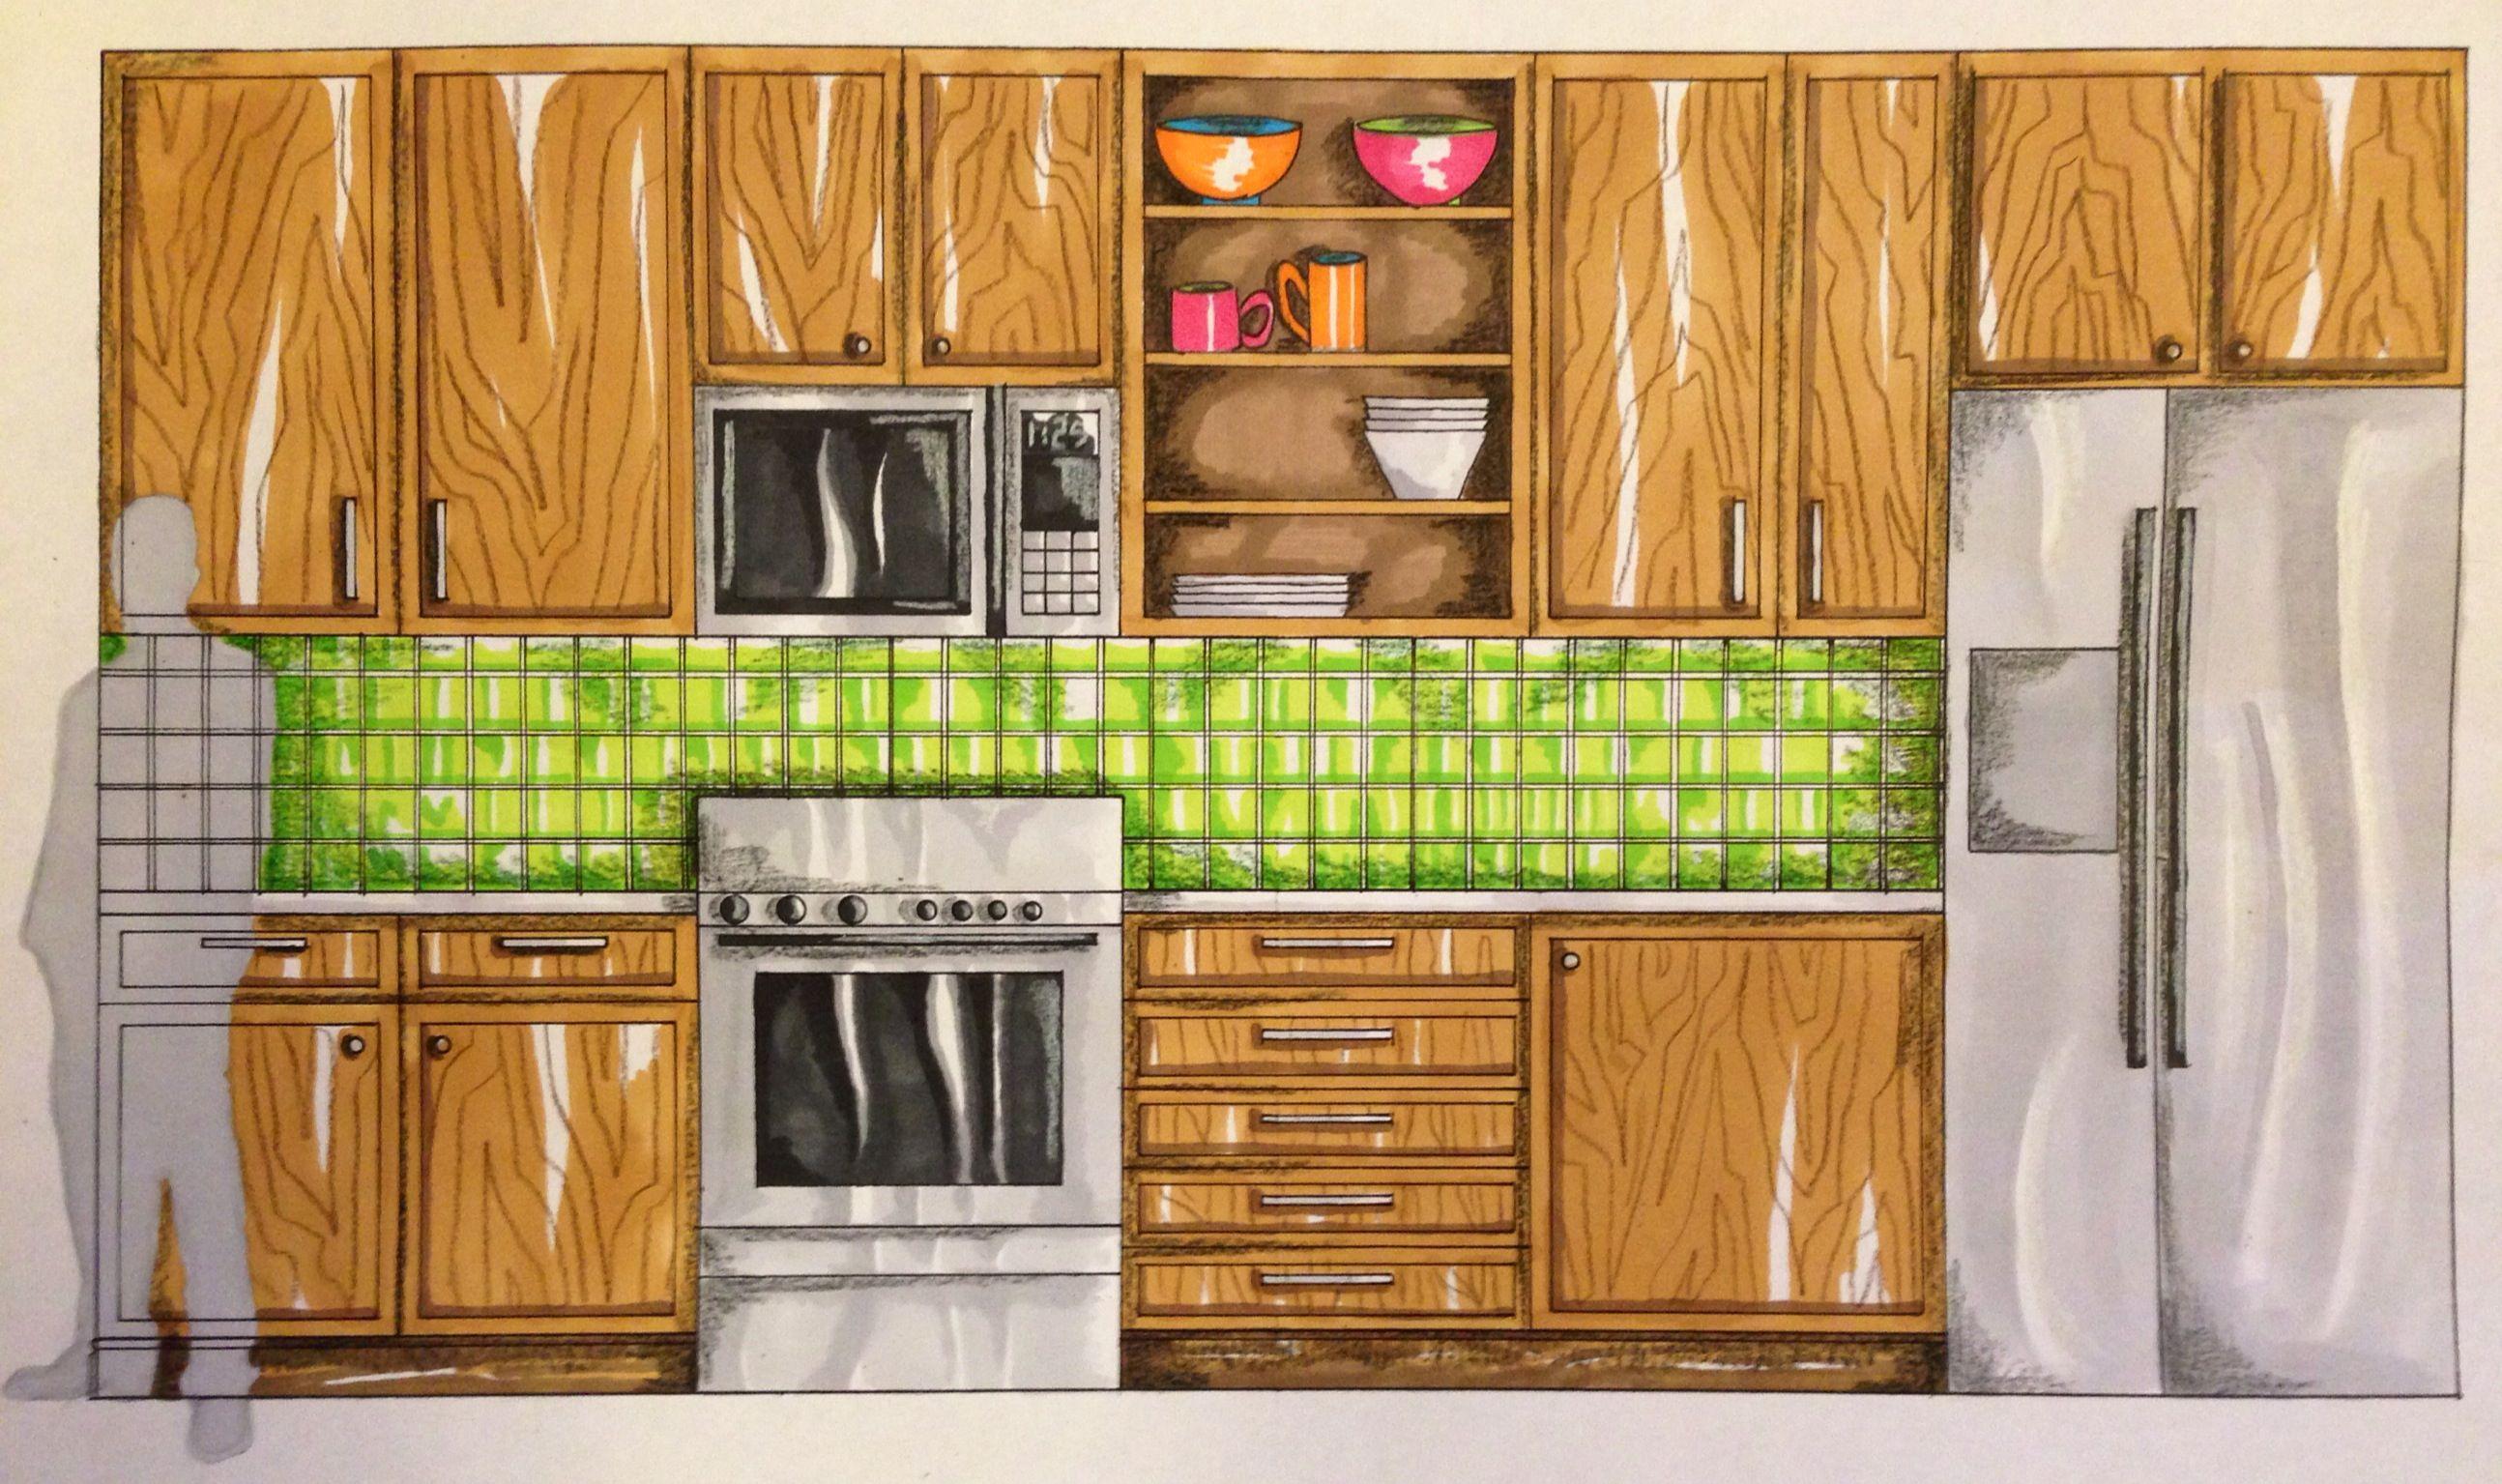 Kitchen Elevation Rendering My Artwork Interior Design